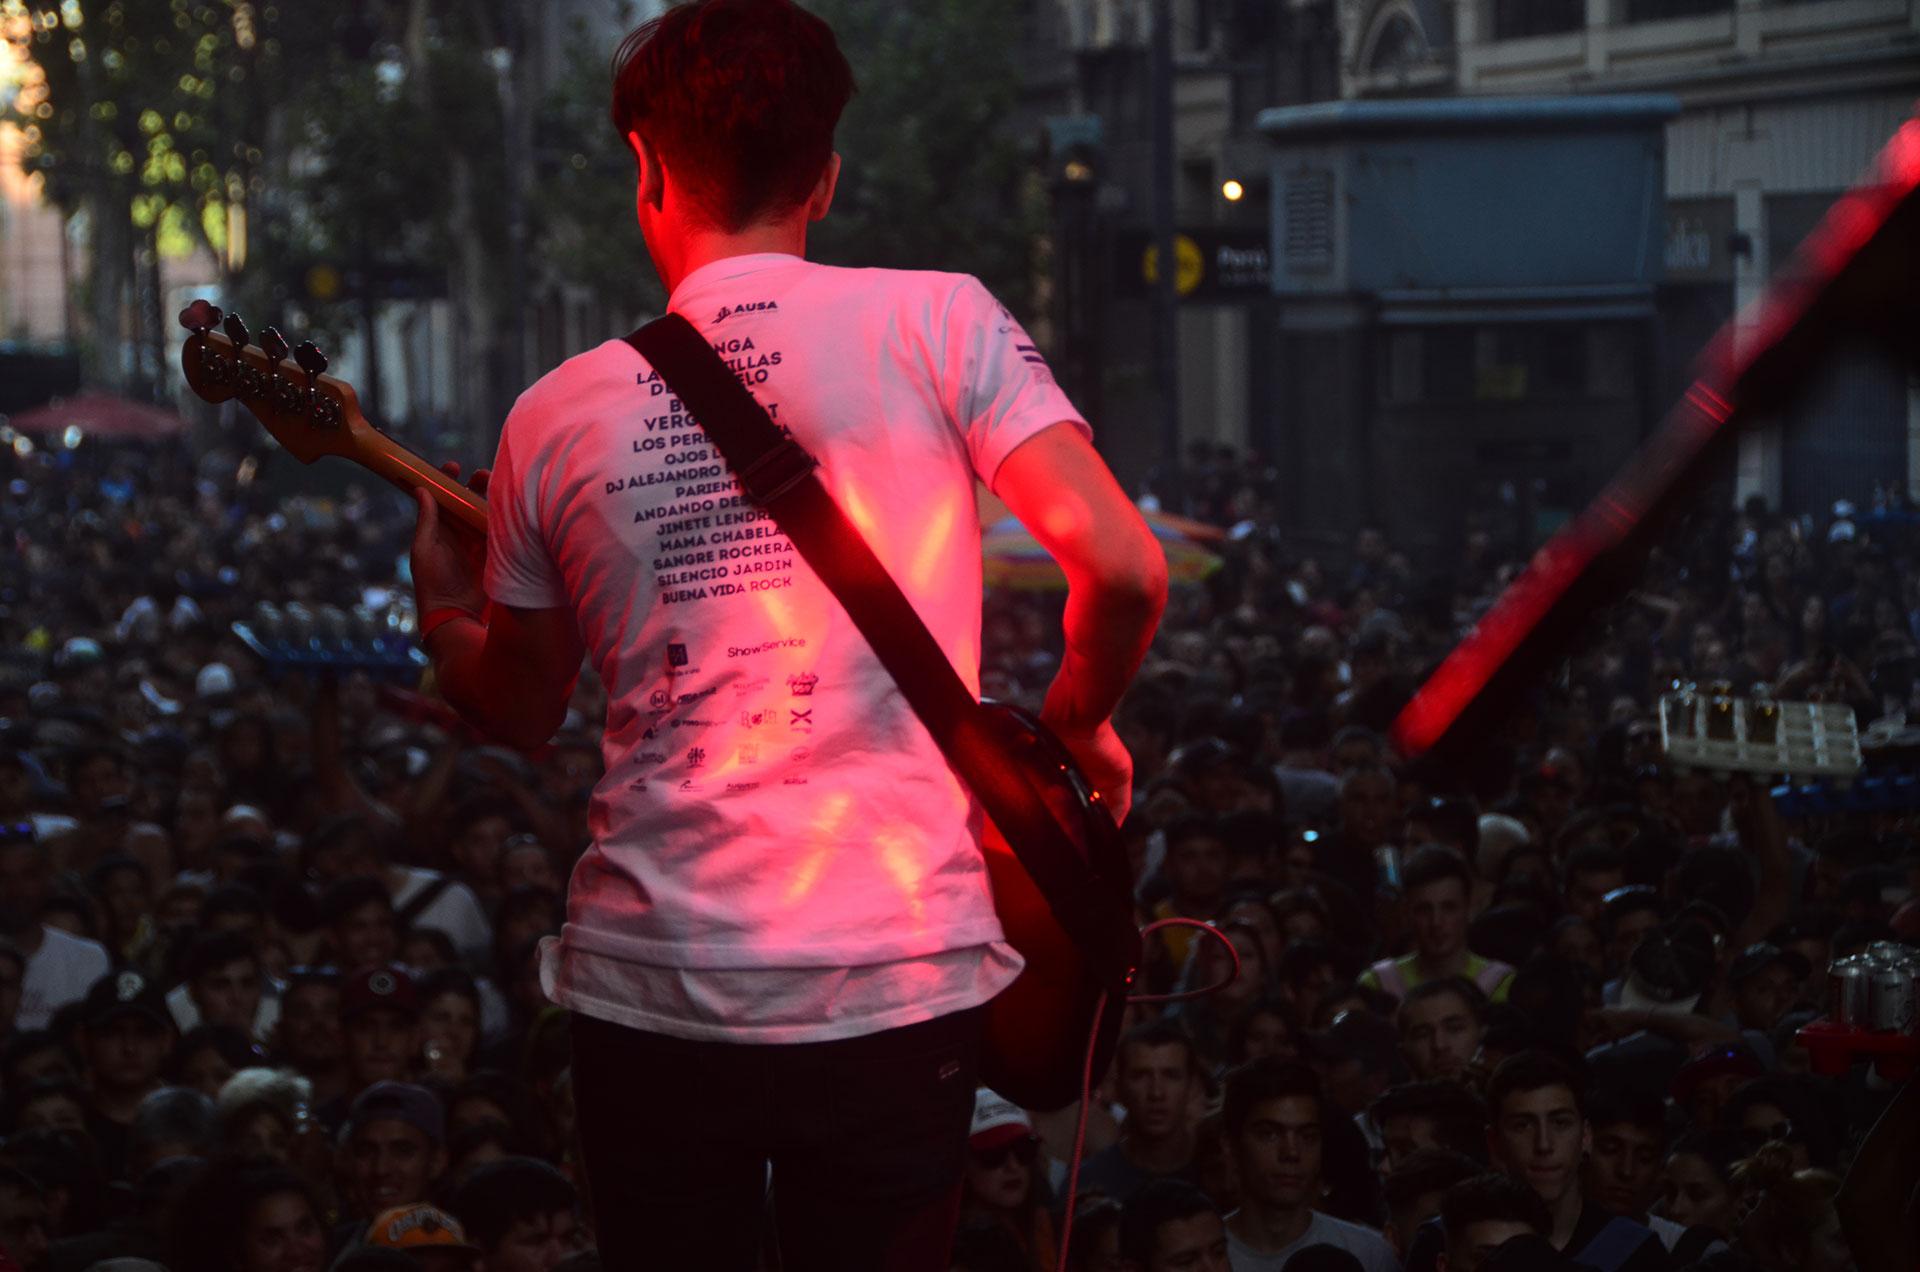 El CAMINATON #2kmxSida es un recital itinerante con la participación de una variedad de artistas tocando música sobre un escenario en movimiento y con el público acompañando en todo el recorrido, en una clara manifestación cultural a favor de la lucha contra el VIH-ITS, dando un mensaje constante de prevención y del uso correcto del preservativo